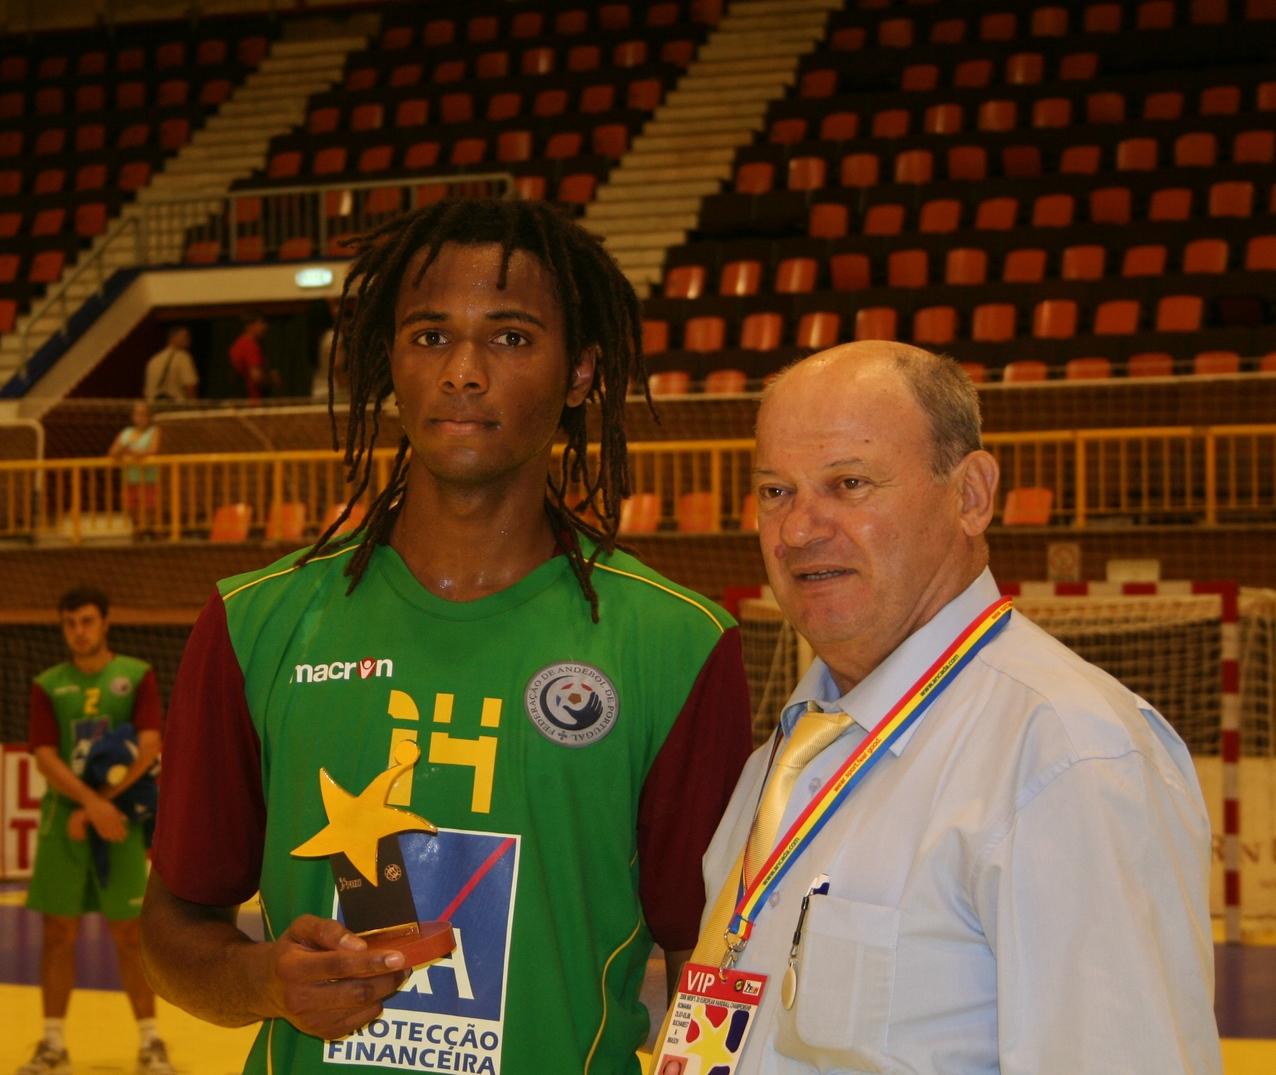 Campeonato Europeu Sub20 Masculino Roménia 2008 - Espanha : Portugal - Wilson Davyes recebe prémio de Melhor Jogador